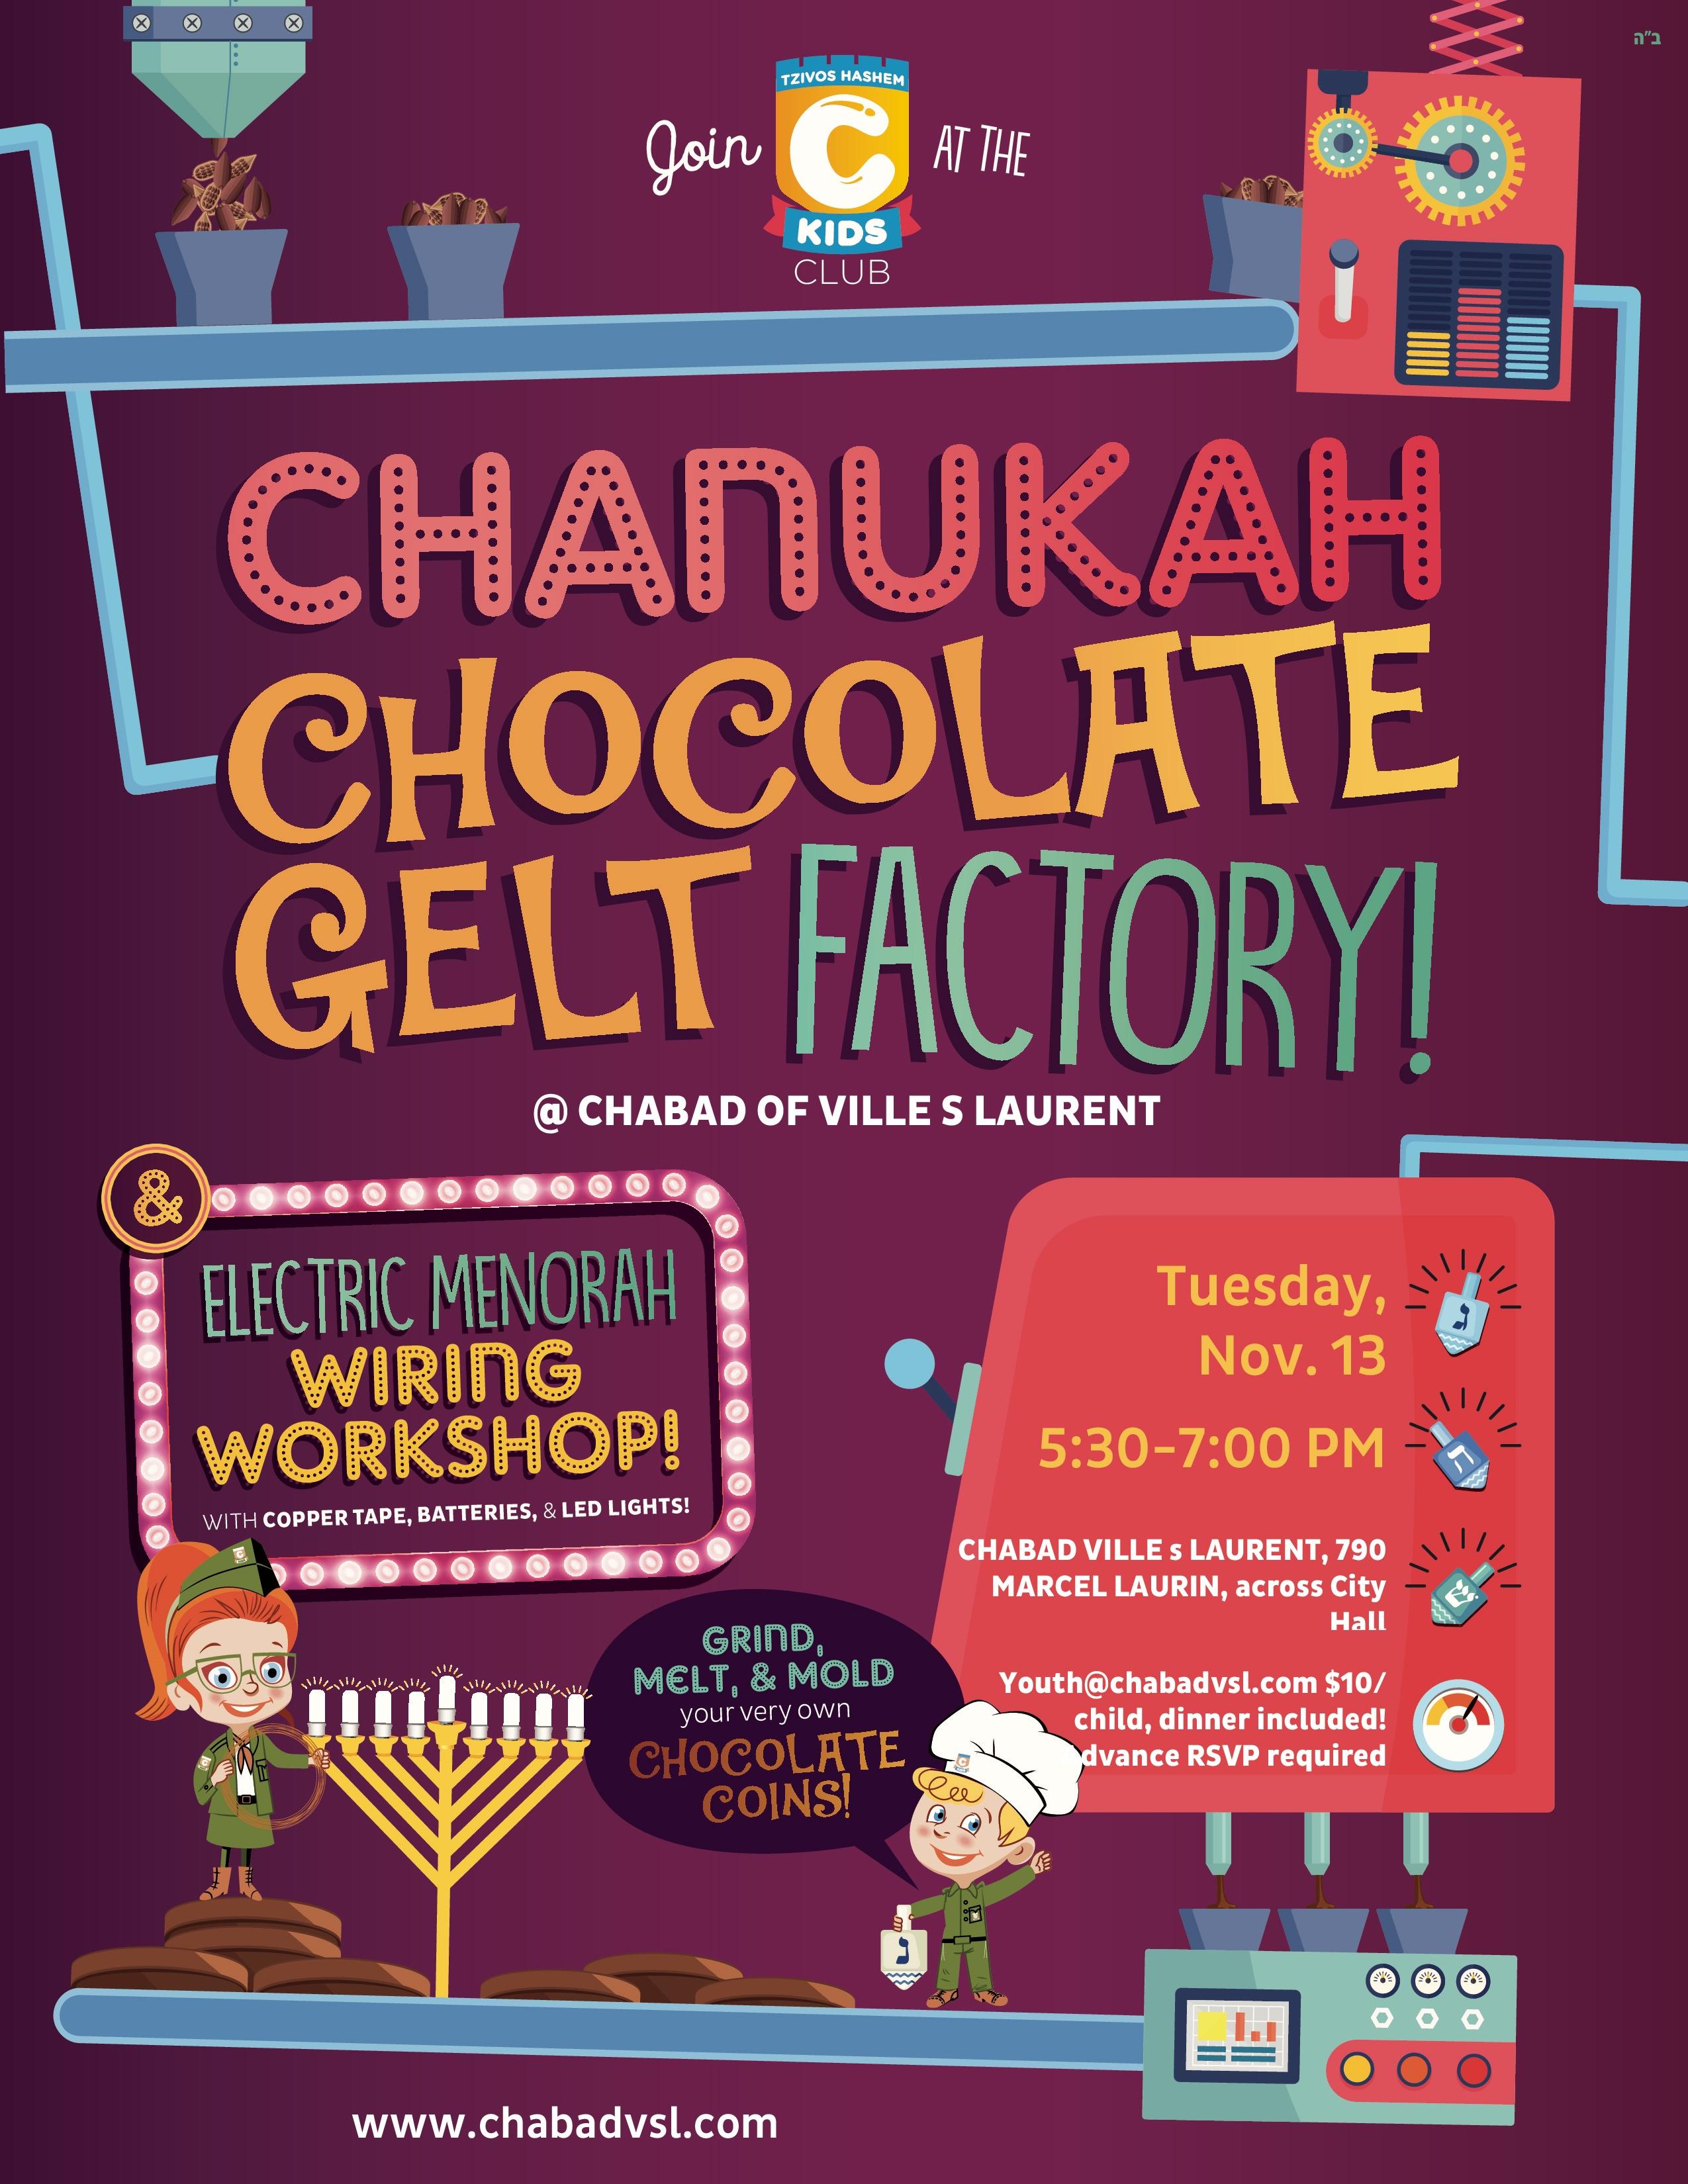 vsl Chanukah Chocolate Factory flyer-page-0.jpg